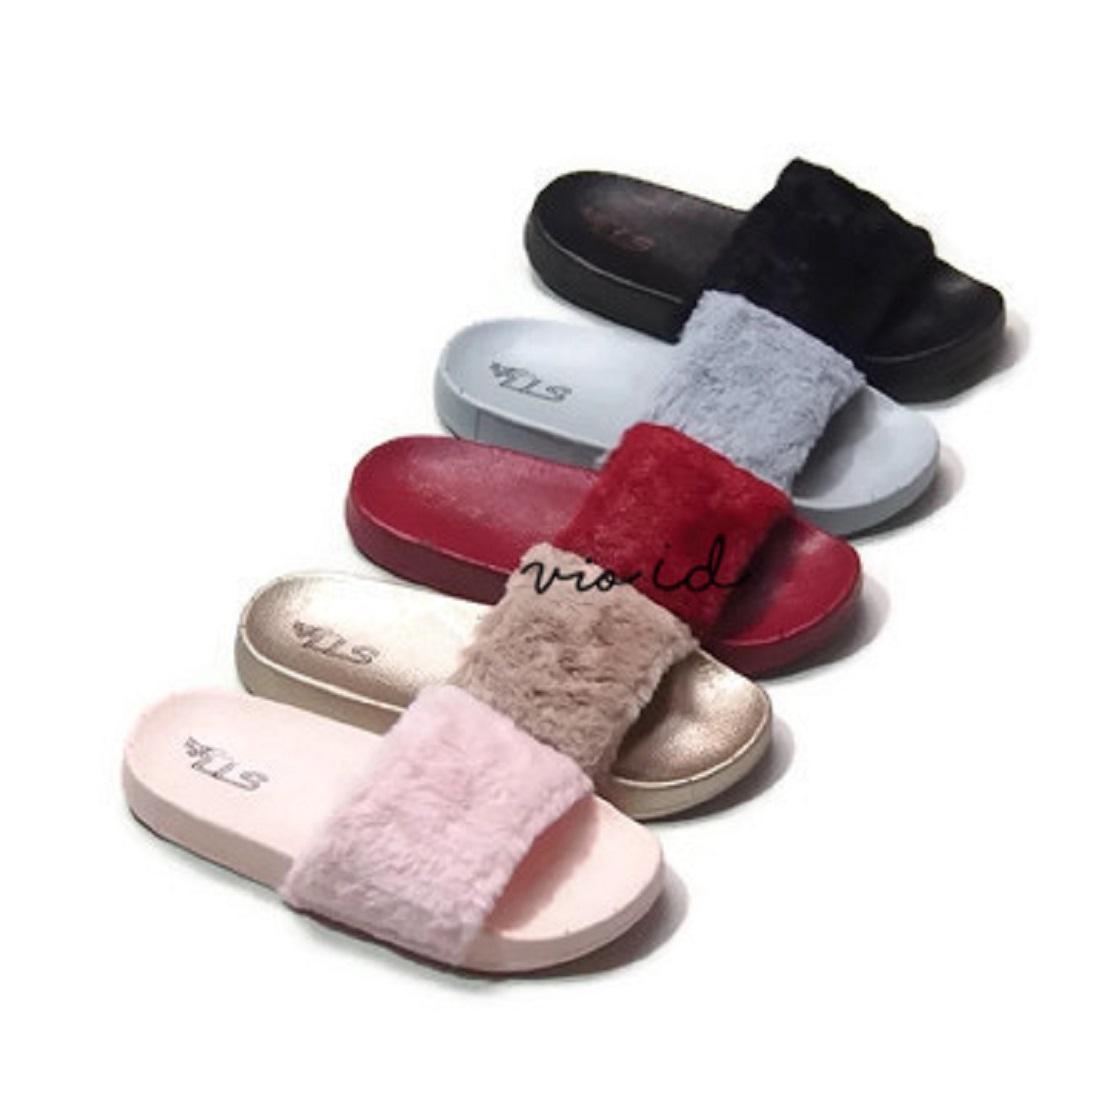 Koleksi Sandal Selop Wanita Termurah Lazadacoid